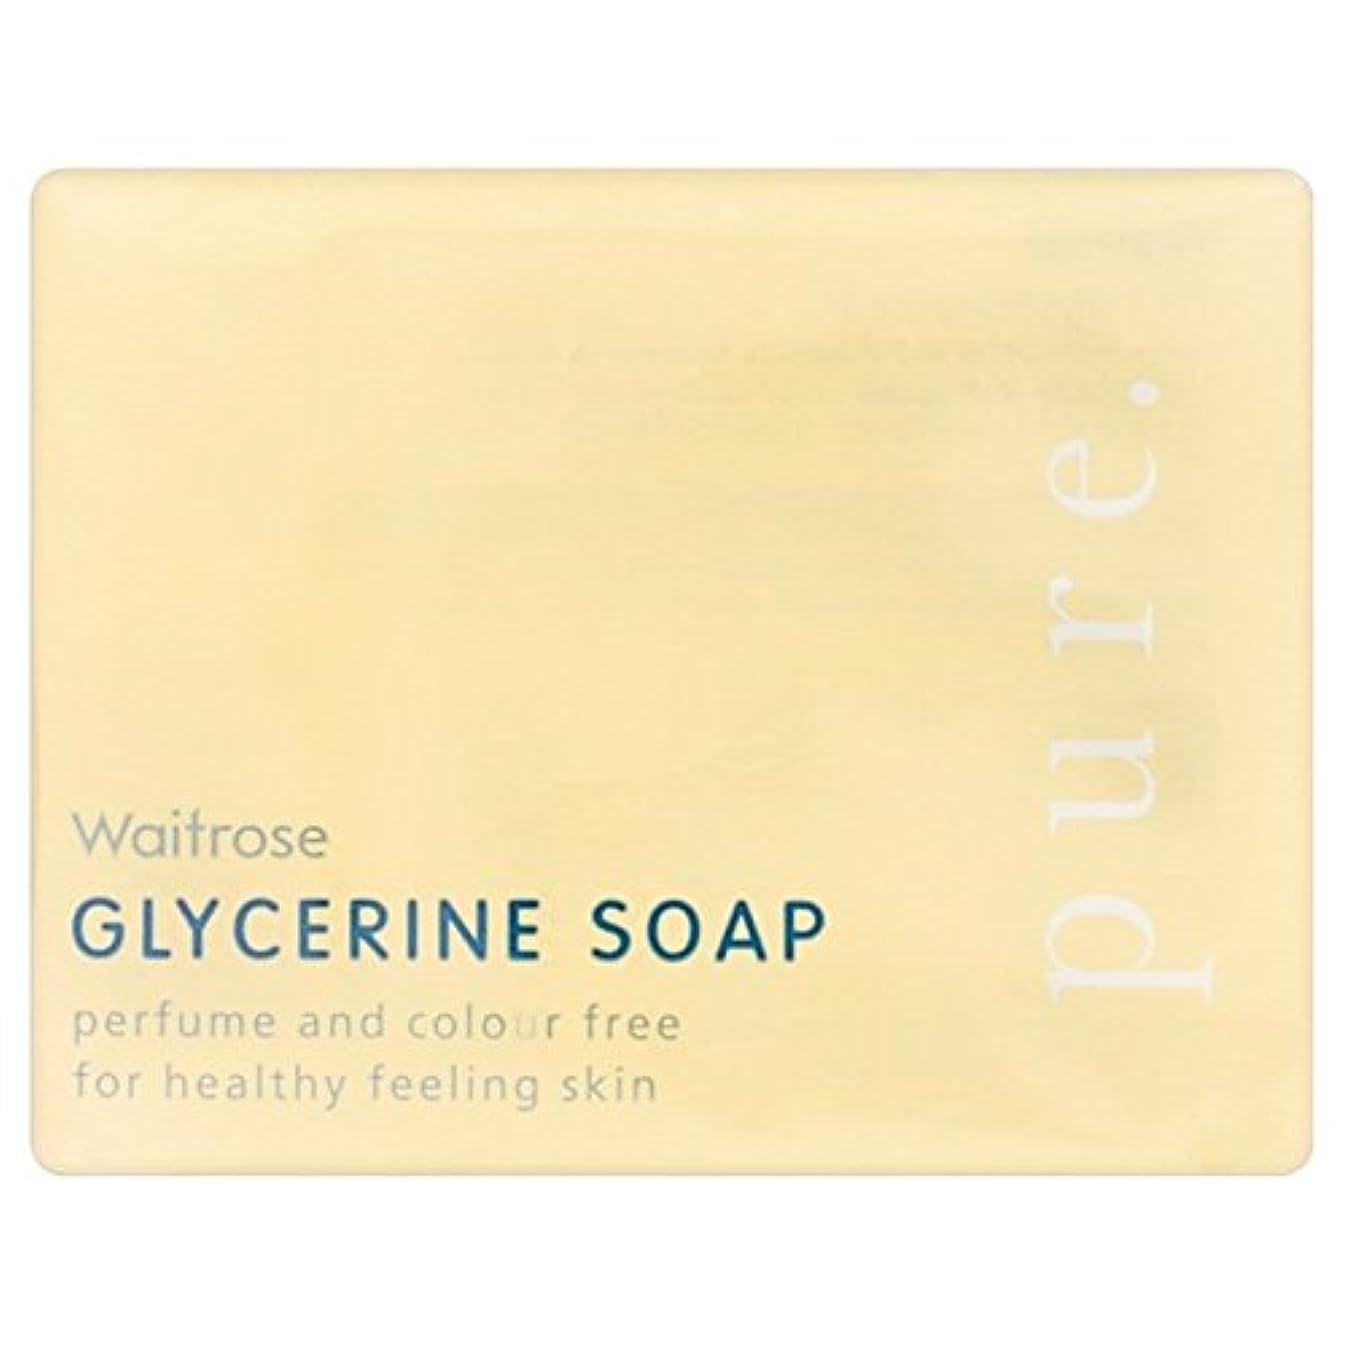 笑い保護化学者純粋なグリセリンソープウェイトローズの100グラム x4 - Pure Glycerine Soap Waitrose 100g (Pack of 4) [並行輸入品]